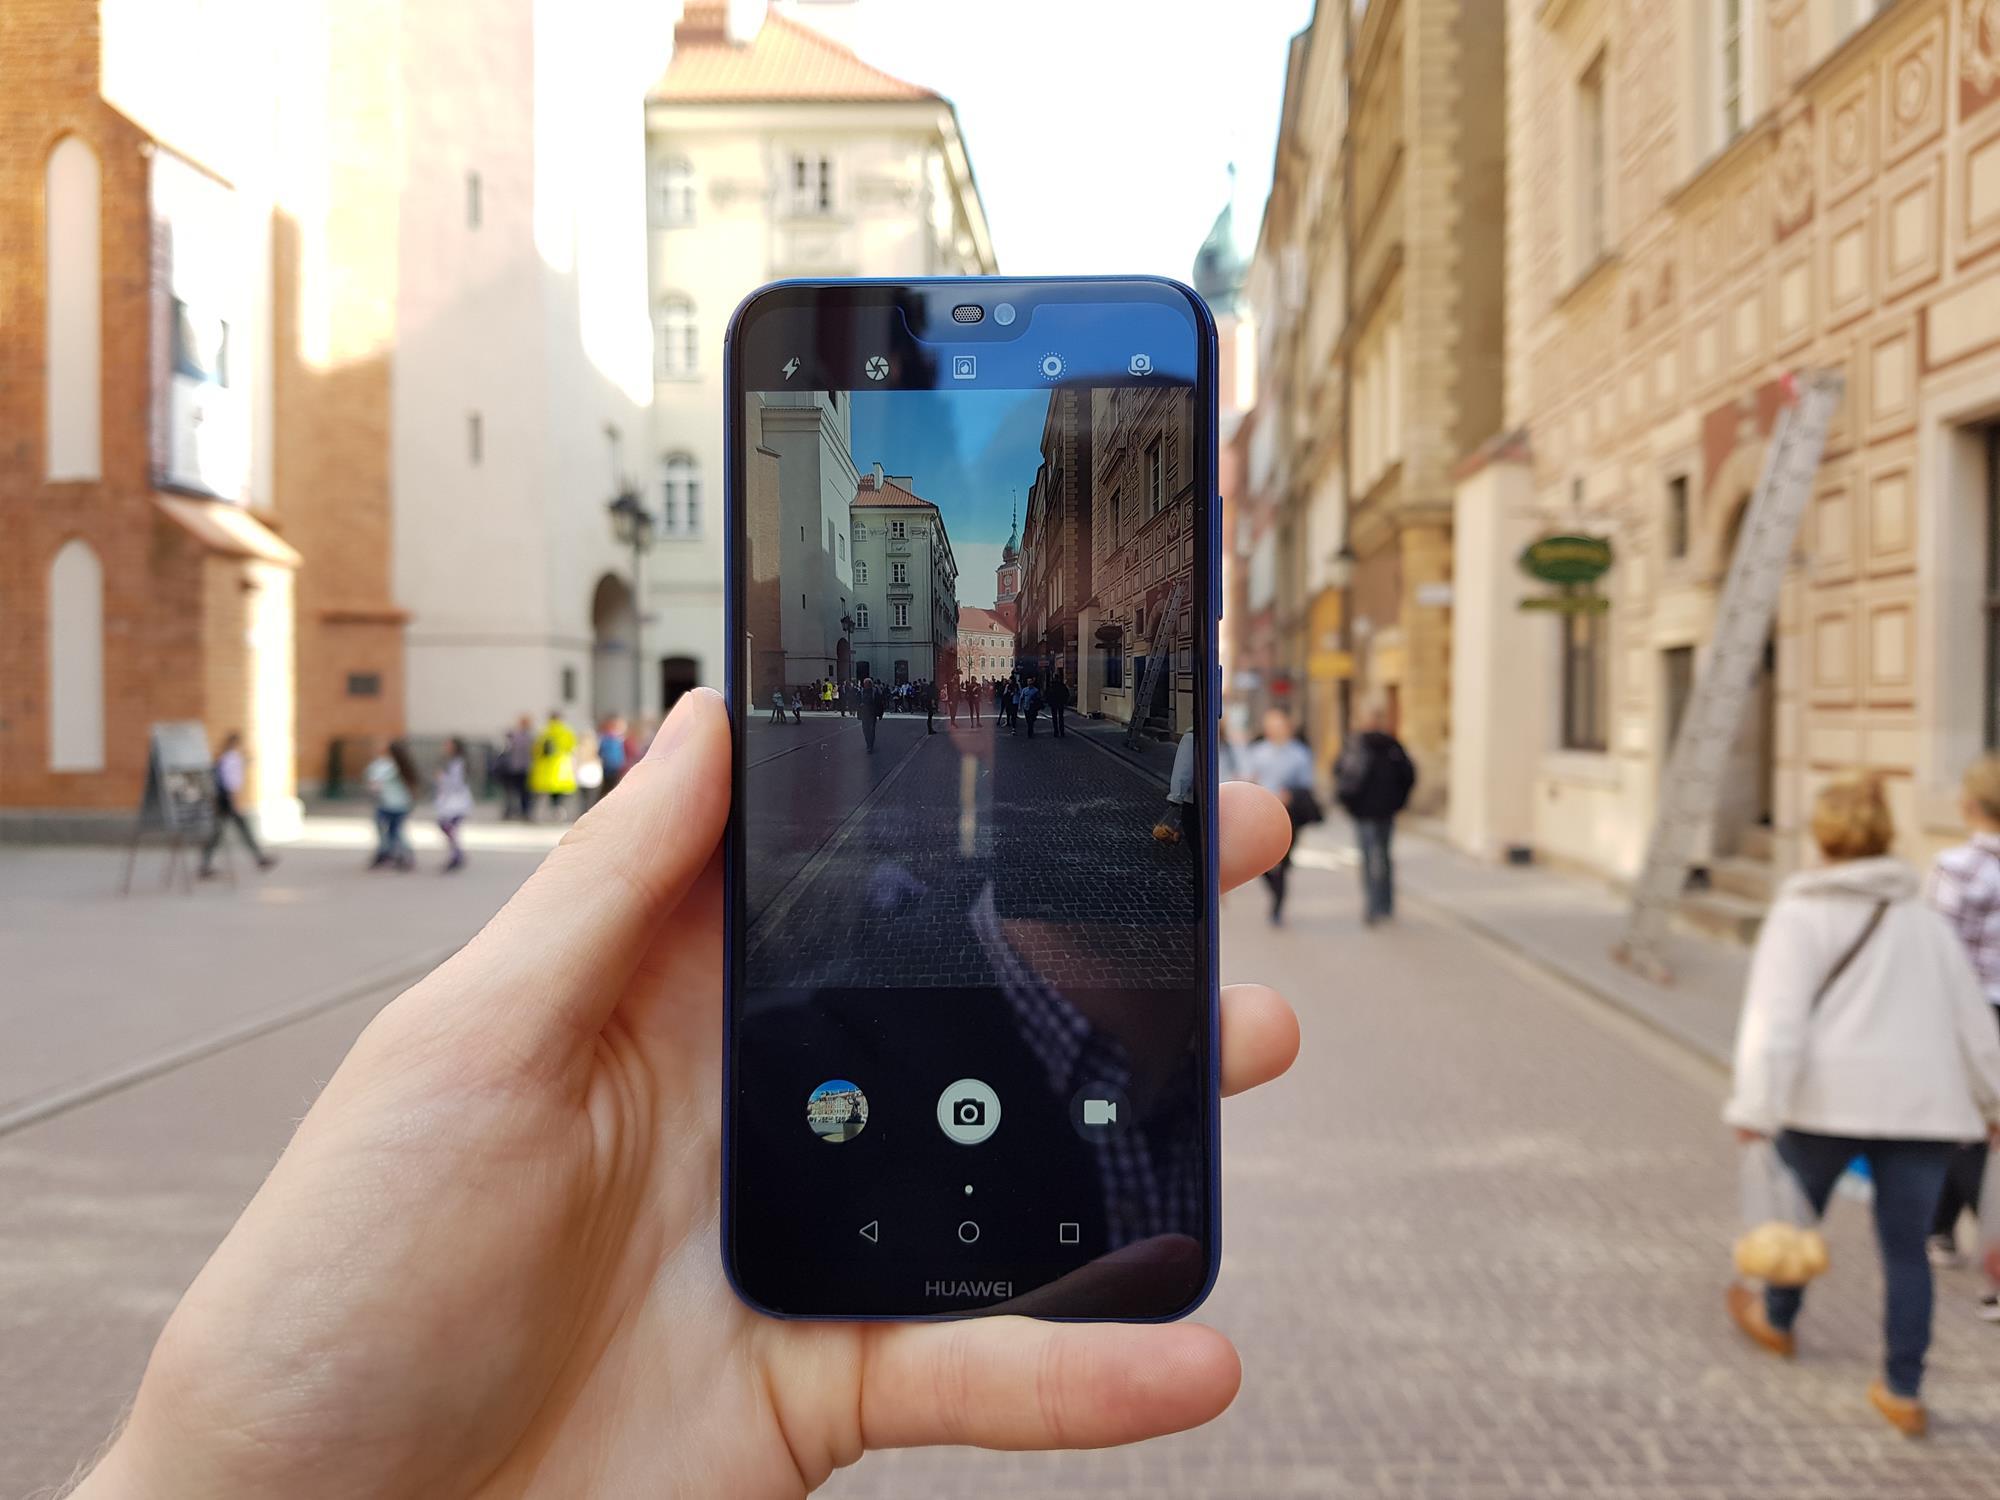 Recenzja Huawei P20 Lite - średniak z aspiracjami, lecz w zbyt wysokiej cenie 75